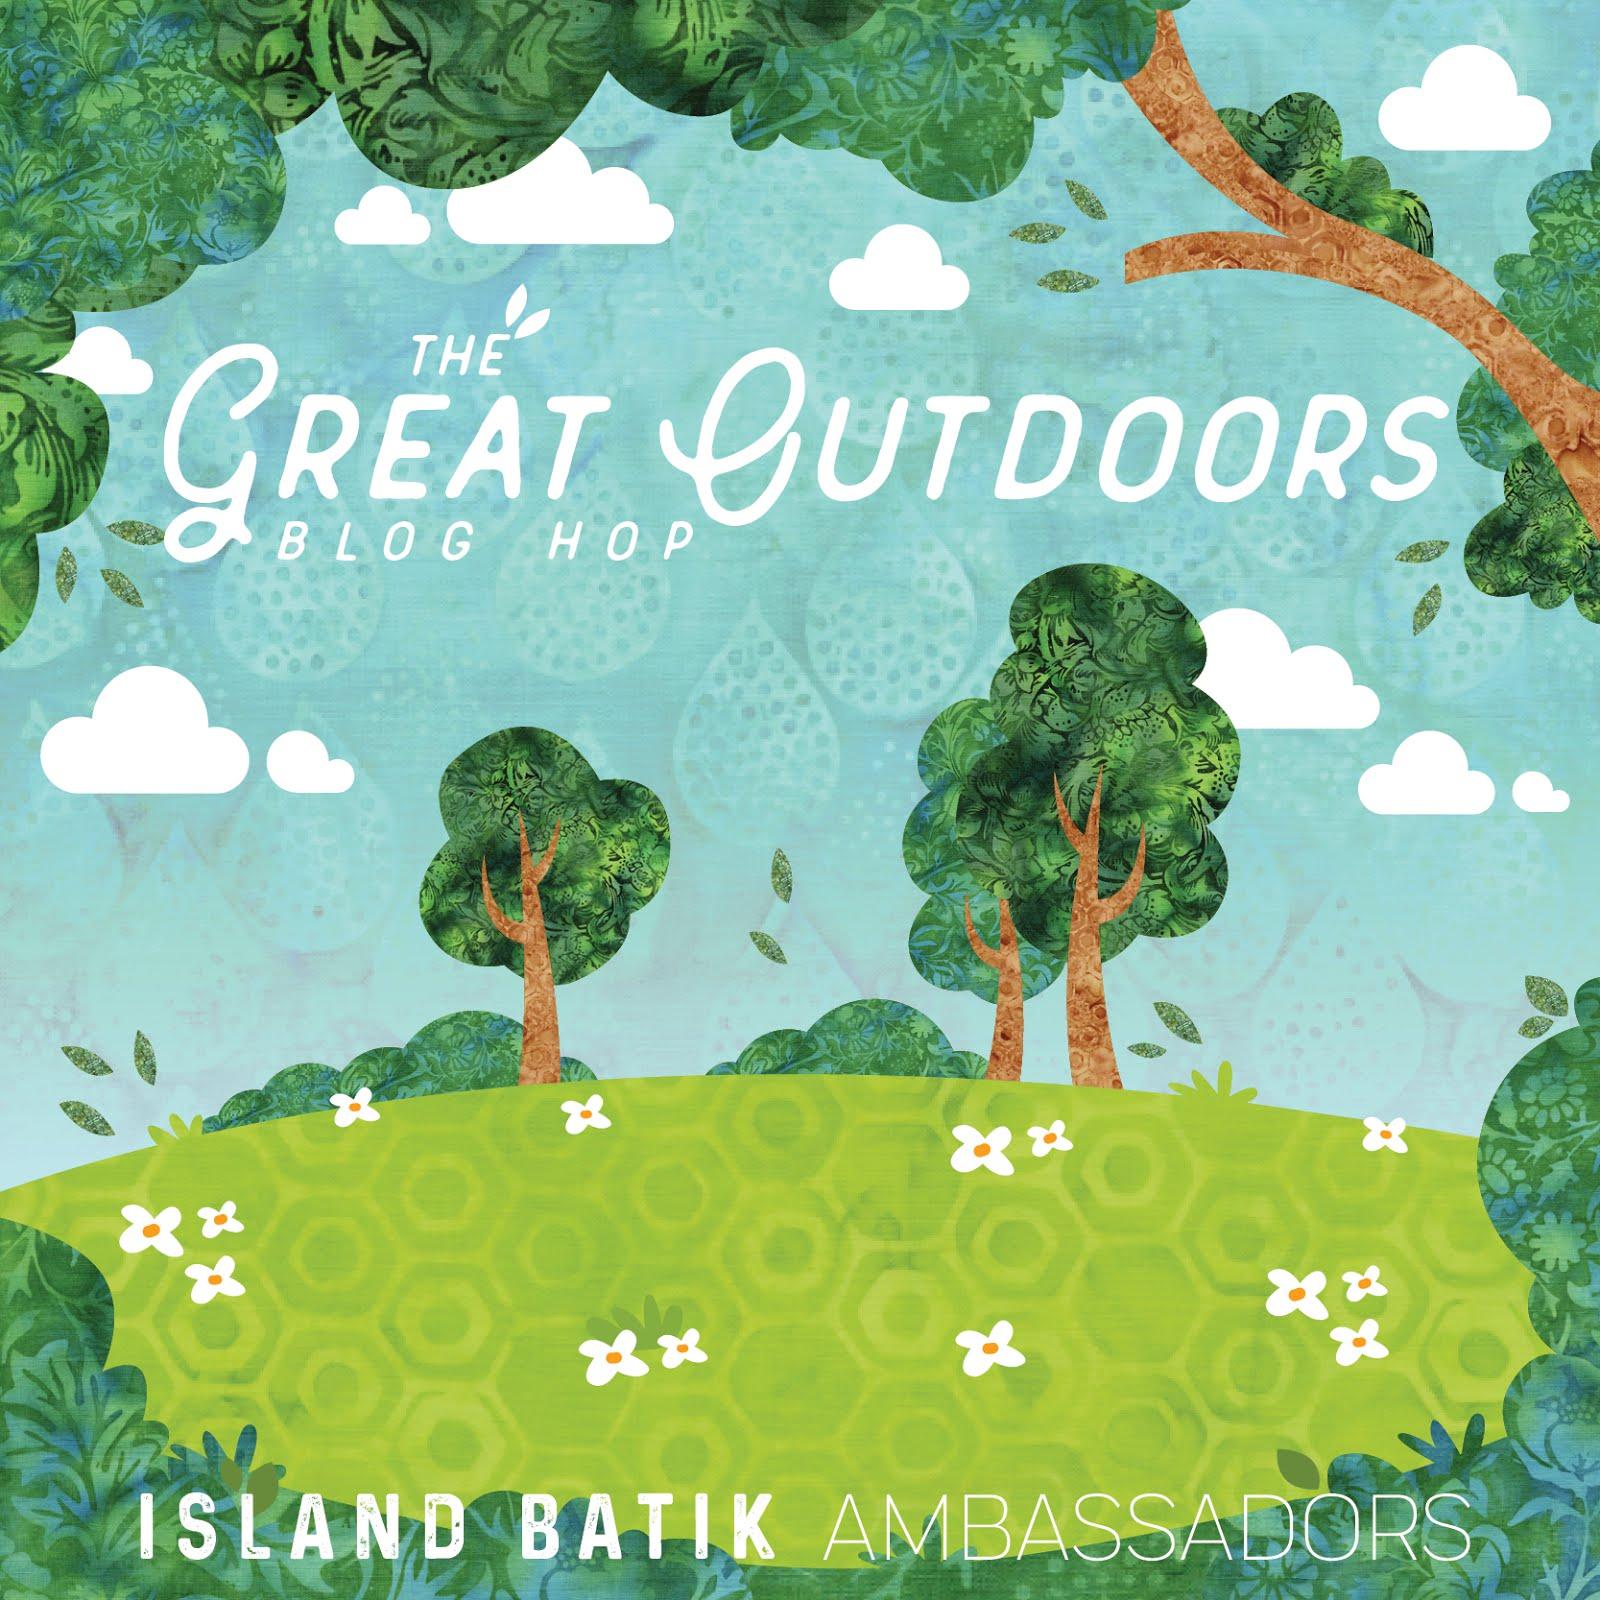 Island Batik Ambassador Blog Hop